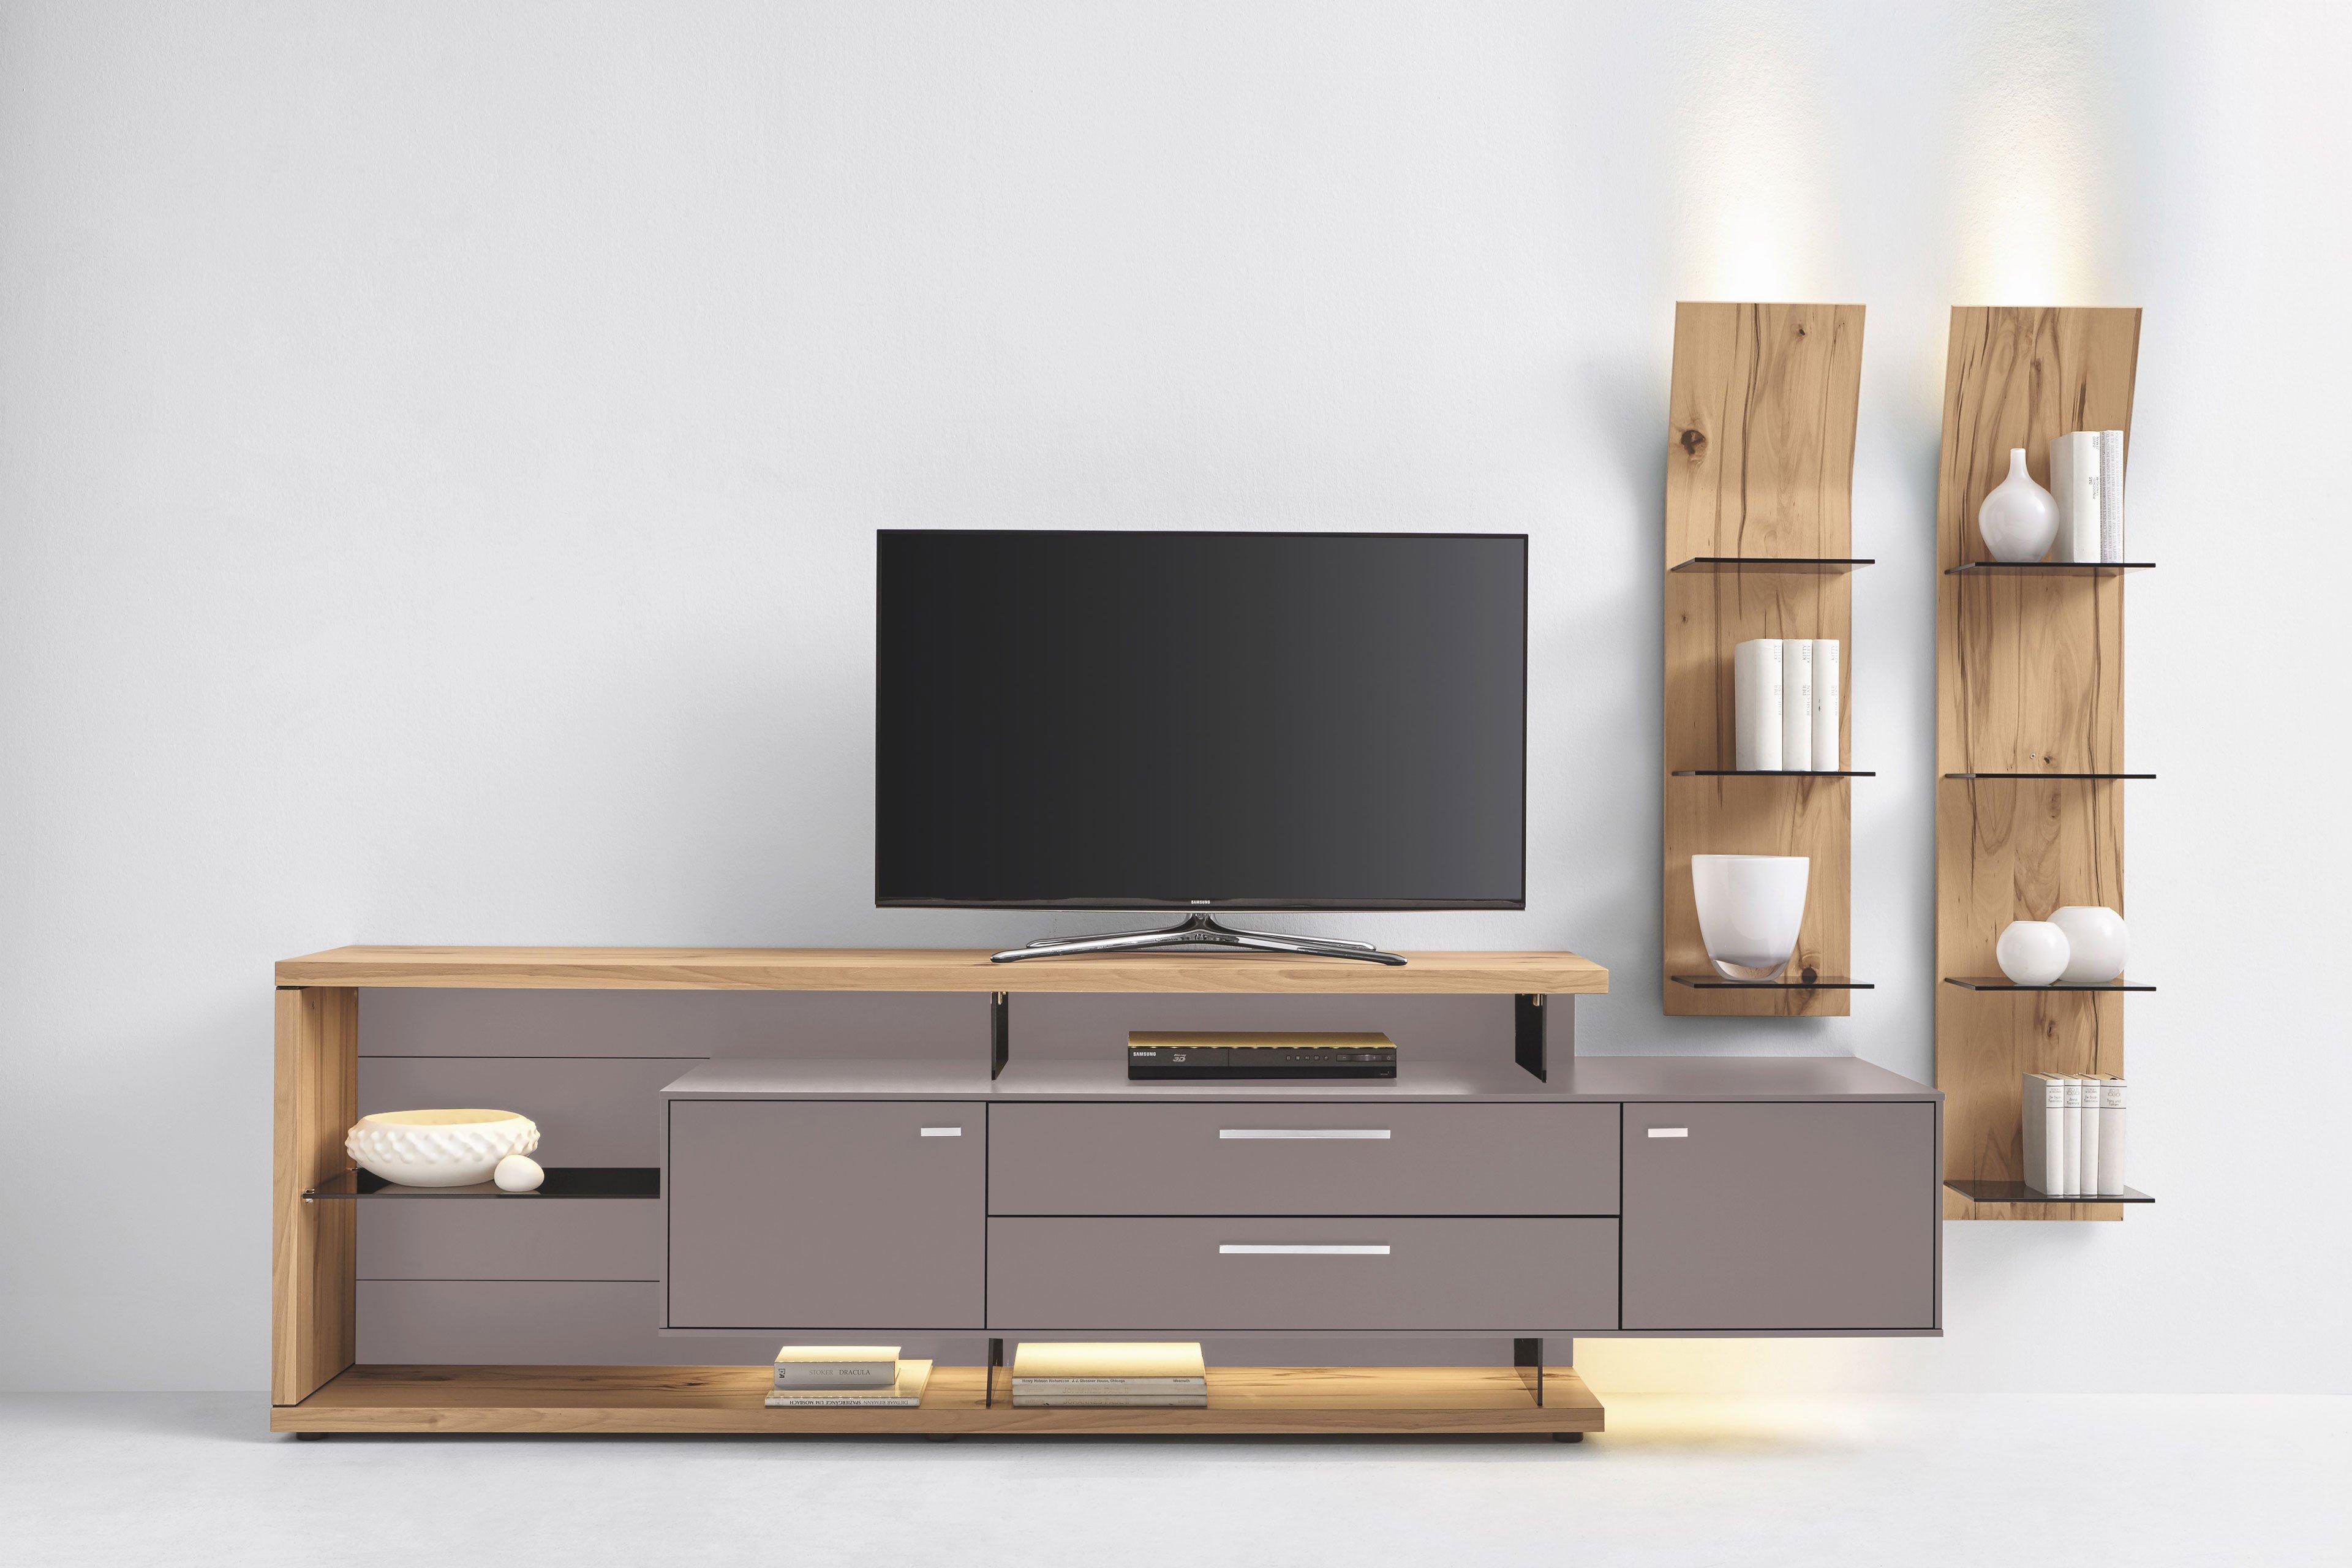 gwinner wohnwand media concept mc906 fango eiche m bel letz ihr online shop. Black Bedroom Furniture Sets. Home Design Ideas